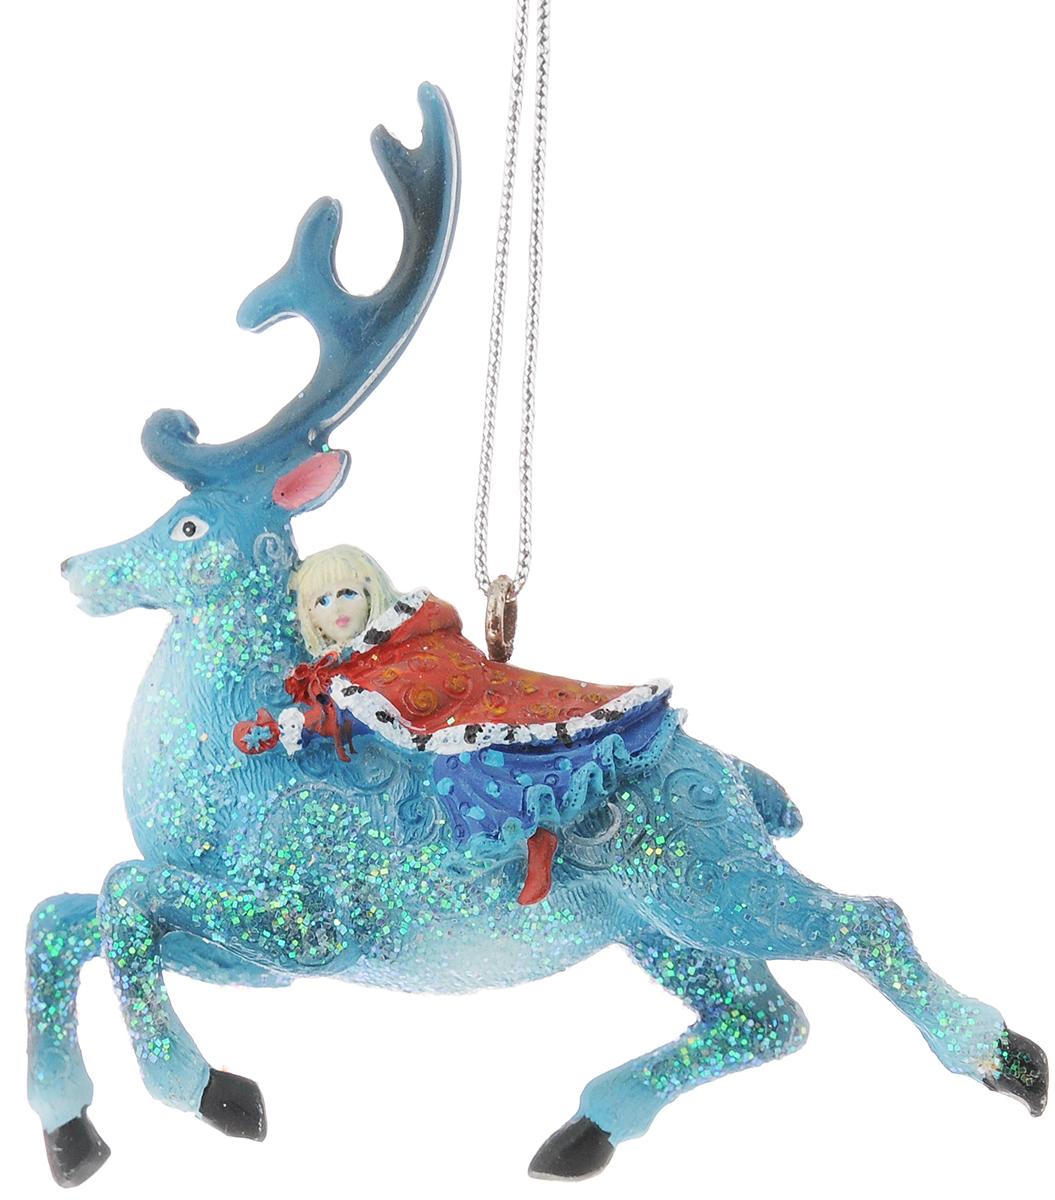 Украшение новогоднее подвесное Феникс-Презент Герда, 8,3 х 2,8 х 9,1 см42175Новогоднее украшение Феникс-презент Герда, изготовленное из высококачественного полирезина, прекрасно подойдет для праздничного декора дома и новогодней ели. С помощью специальной текстильной петельки его можно повесить в любом понравившемся вам месте. Но, конечно, удачнее всего такая игрушка будет смотреться на праздничной елке. Елочная игрушка - символ Нового года. Она несет в себе волшебство и красоту праздника. Создайте в своем доме атмосферу веселья и радости, украшая новогоднюю елку нарядными игрушками, которые будут из года в год накапливать теплоту воспоминаний.